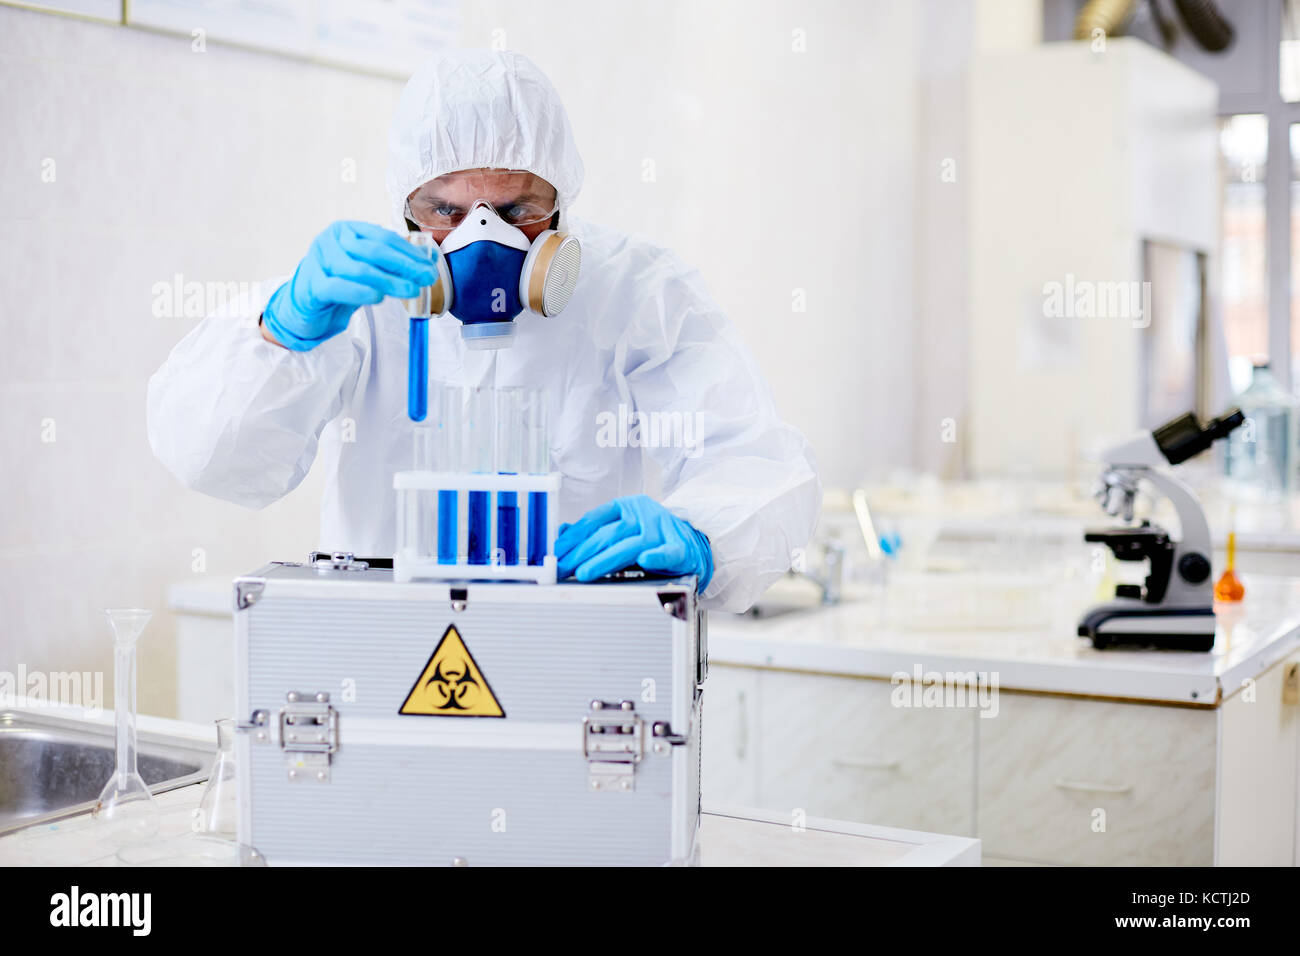 Talentierte Virologie Wissenschaftler tragen einen Schutzanzug und Atemschutz arbeiten mit biohazard Substanz während Stockbild